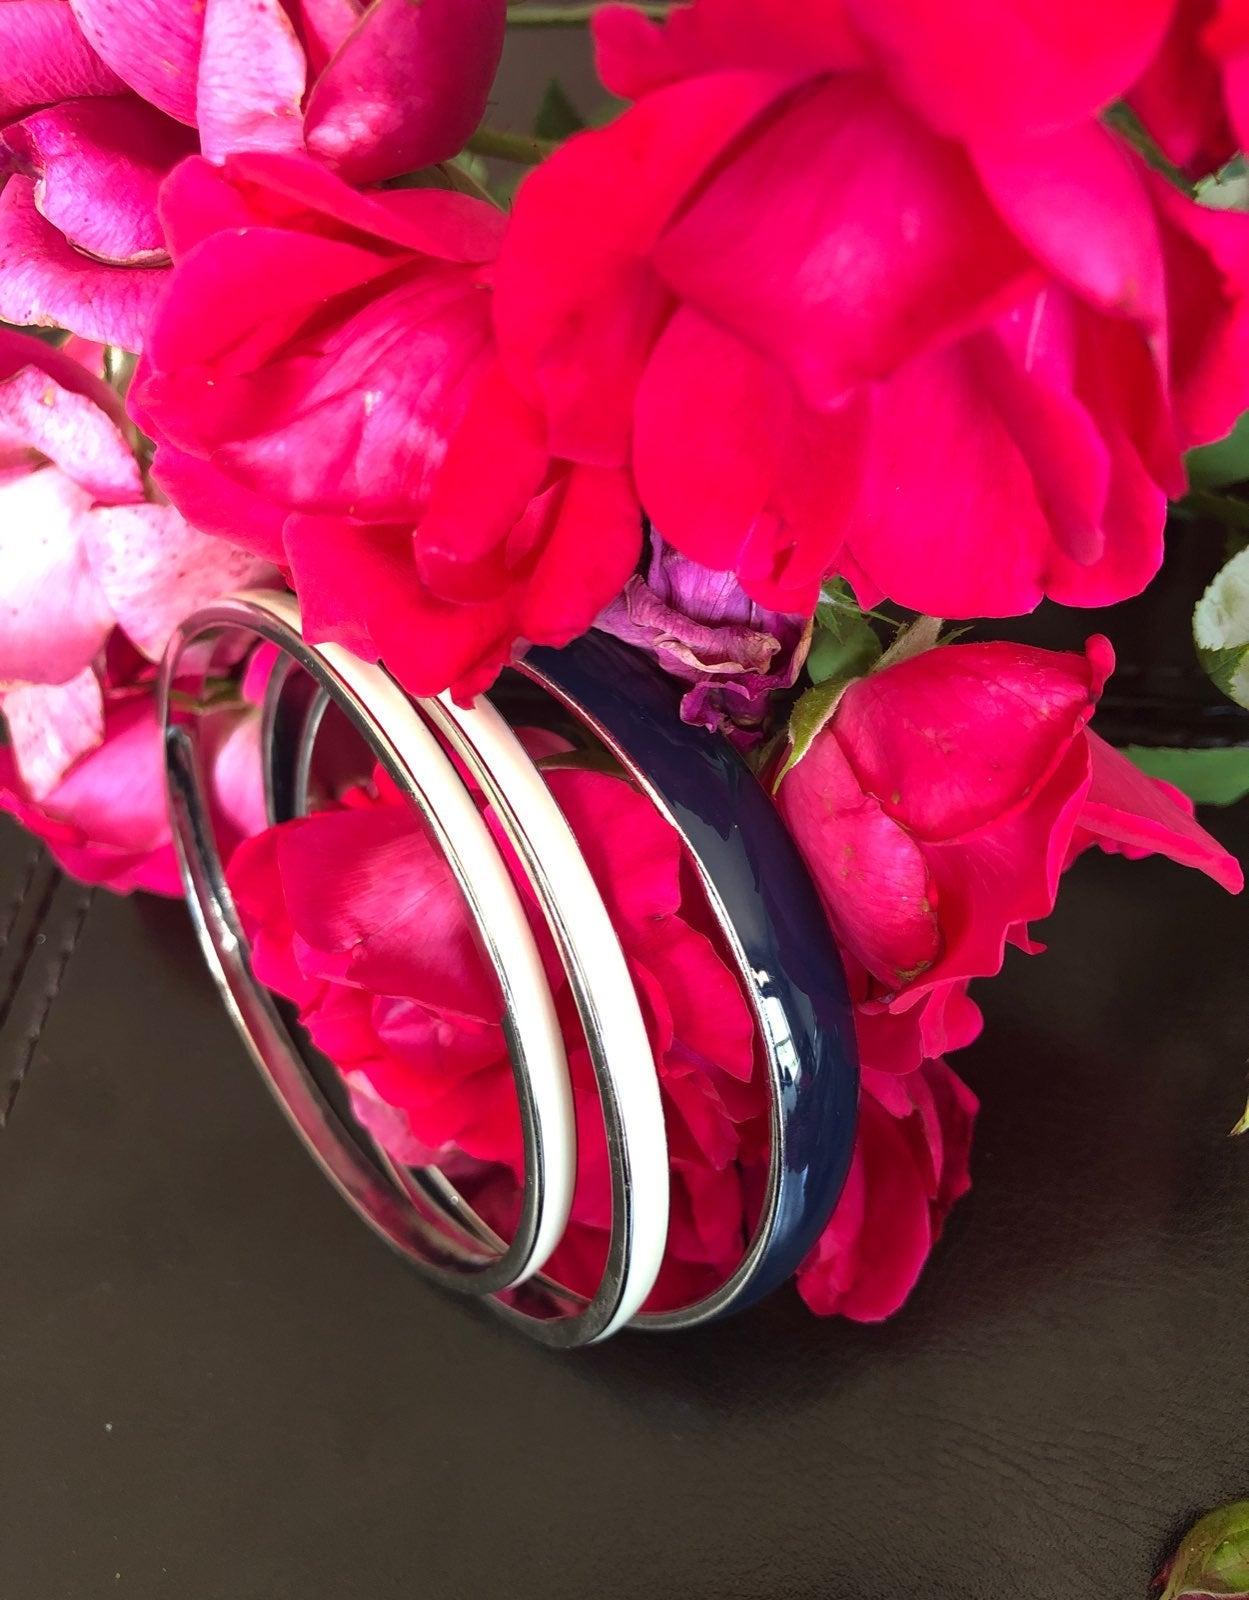 Talbots bangle bracelets